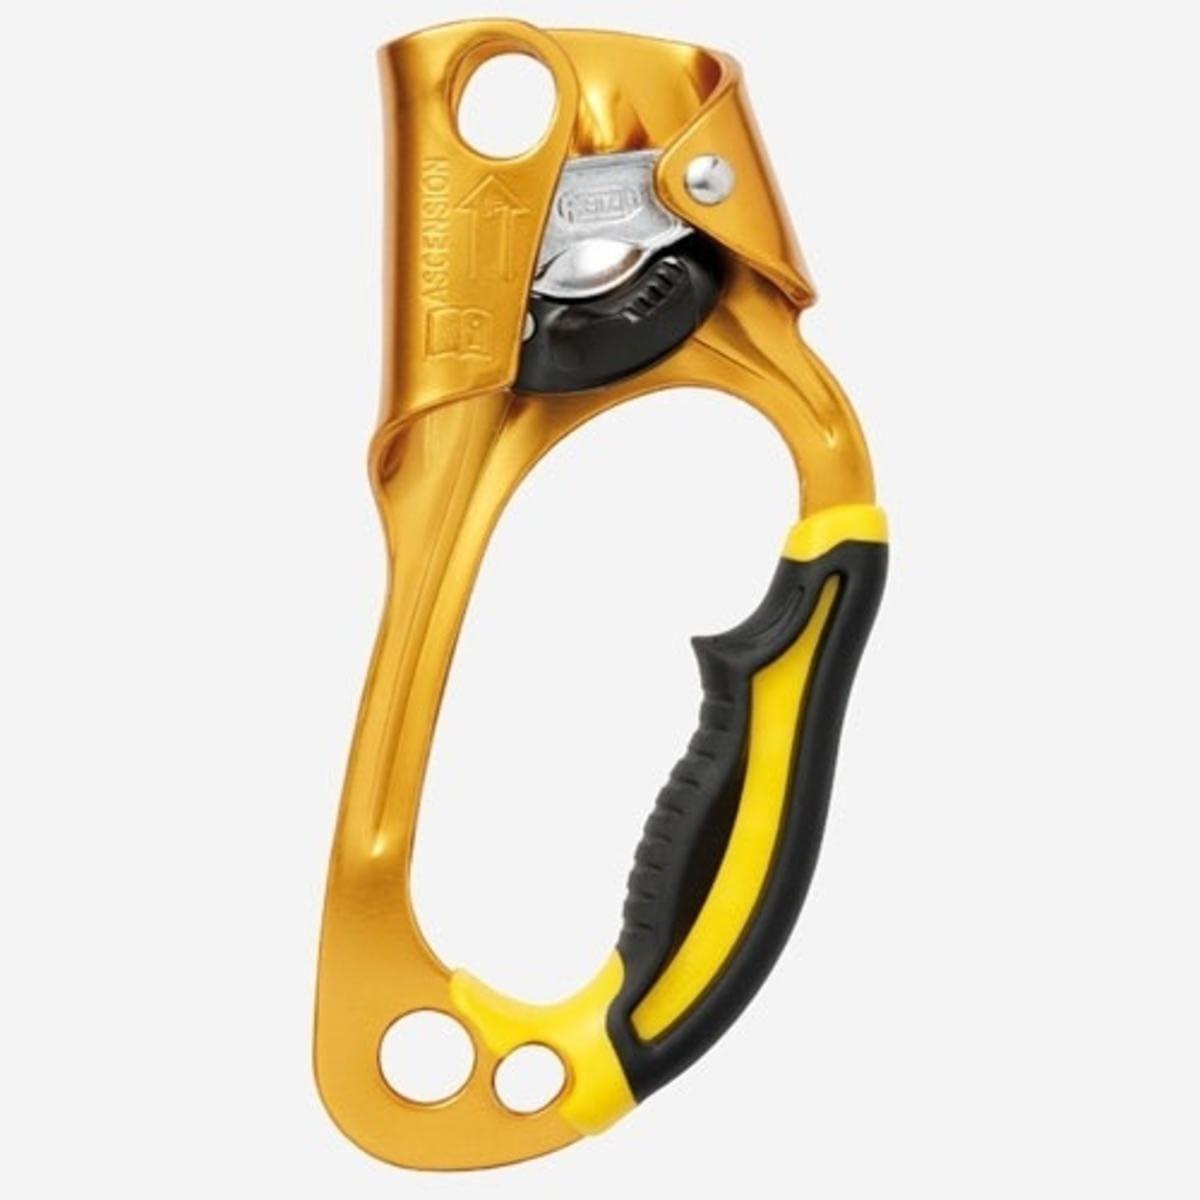 PETZL Seilklemme Ascension Rechts - Bloqueador para Escalada, Color Amarillo